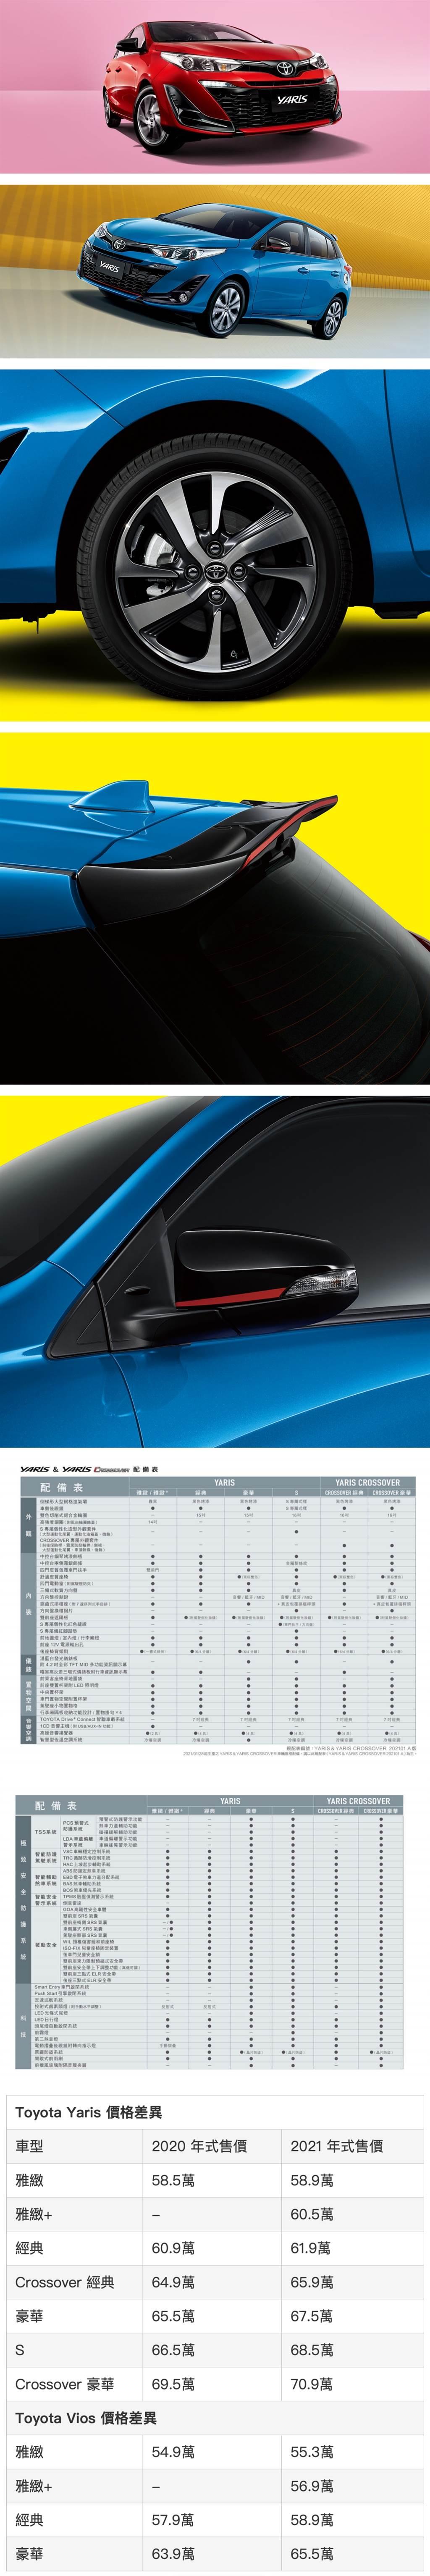 全車系售價調整、豪華以上車型新增 Toyota Safety Sense,Toyota Yaris/Vios 2021 年式樣開賣